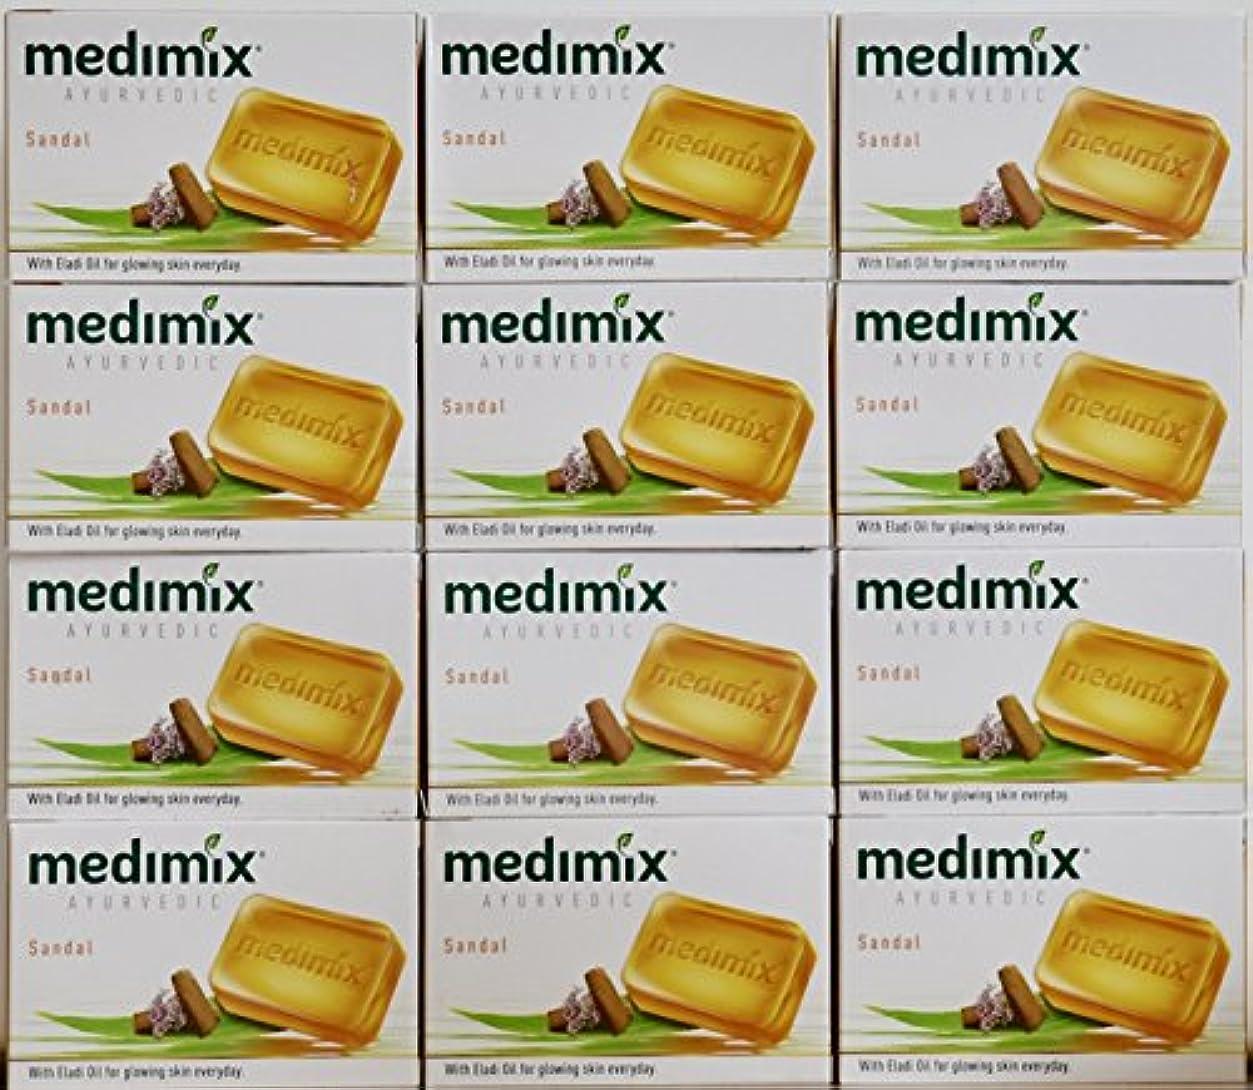 ゴミ箱インサート息切れmedimix メディミックス アーユルヴェディックサンダル 石鹸(旧商品名クラシックオレンジ))125g 12個入り